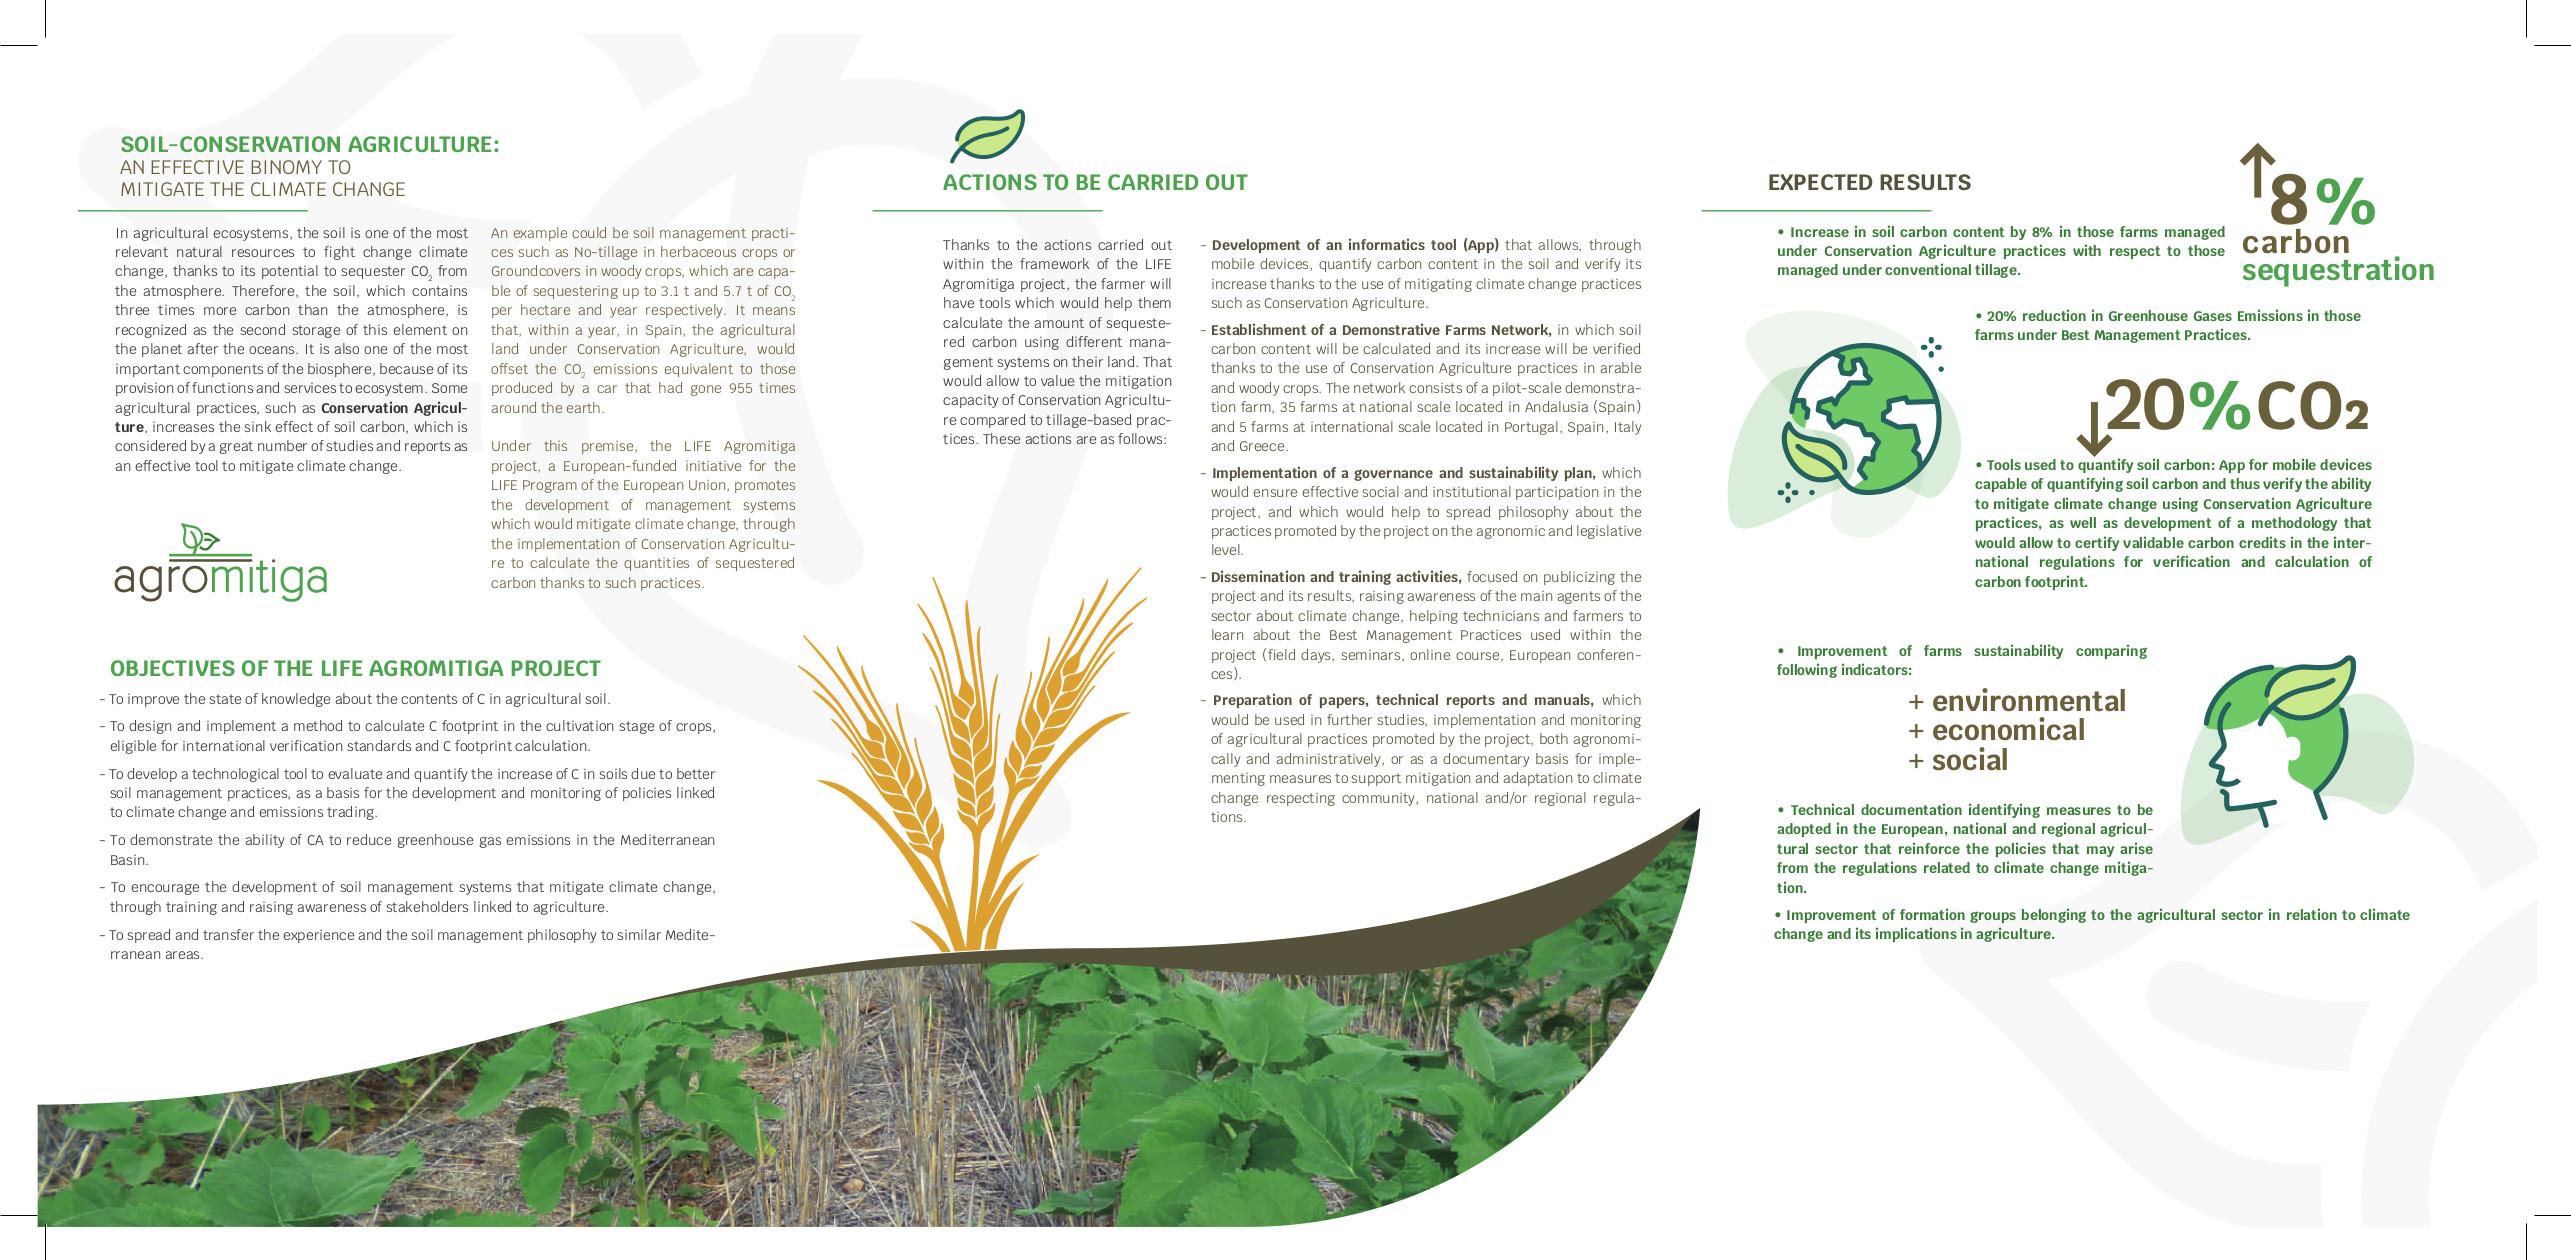 Dossier Life Agromitiga leaflet